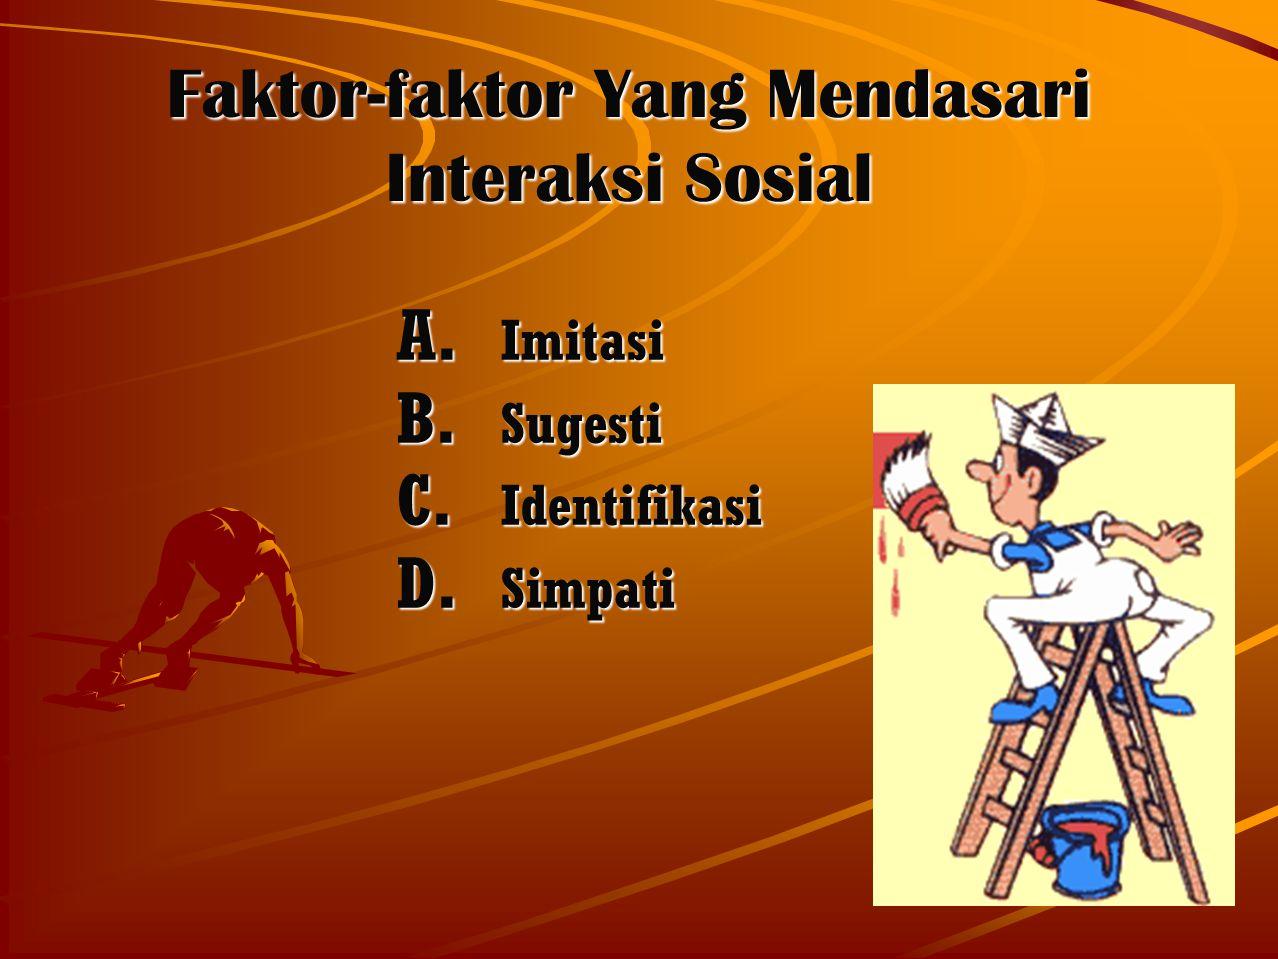 6 Faktor-faktor Yang Mendasari Interaksi Sosial A. Imitasi B. Sugesti C. Identifikasi D. Simpati